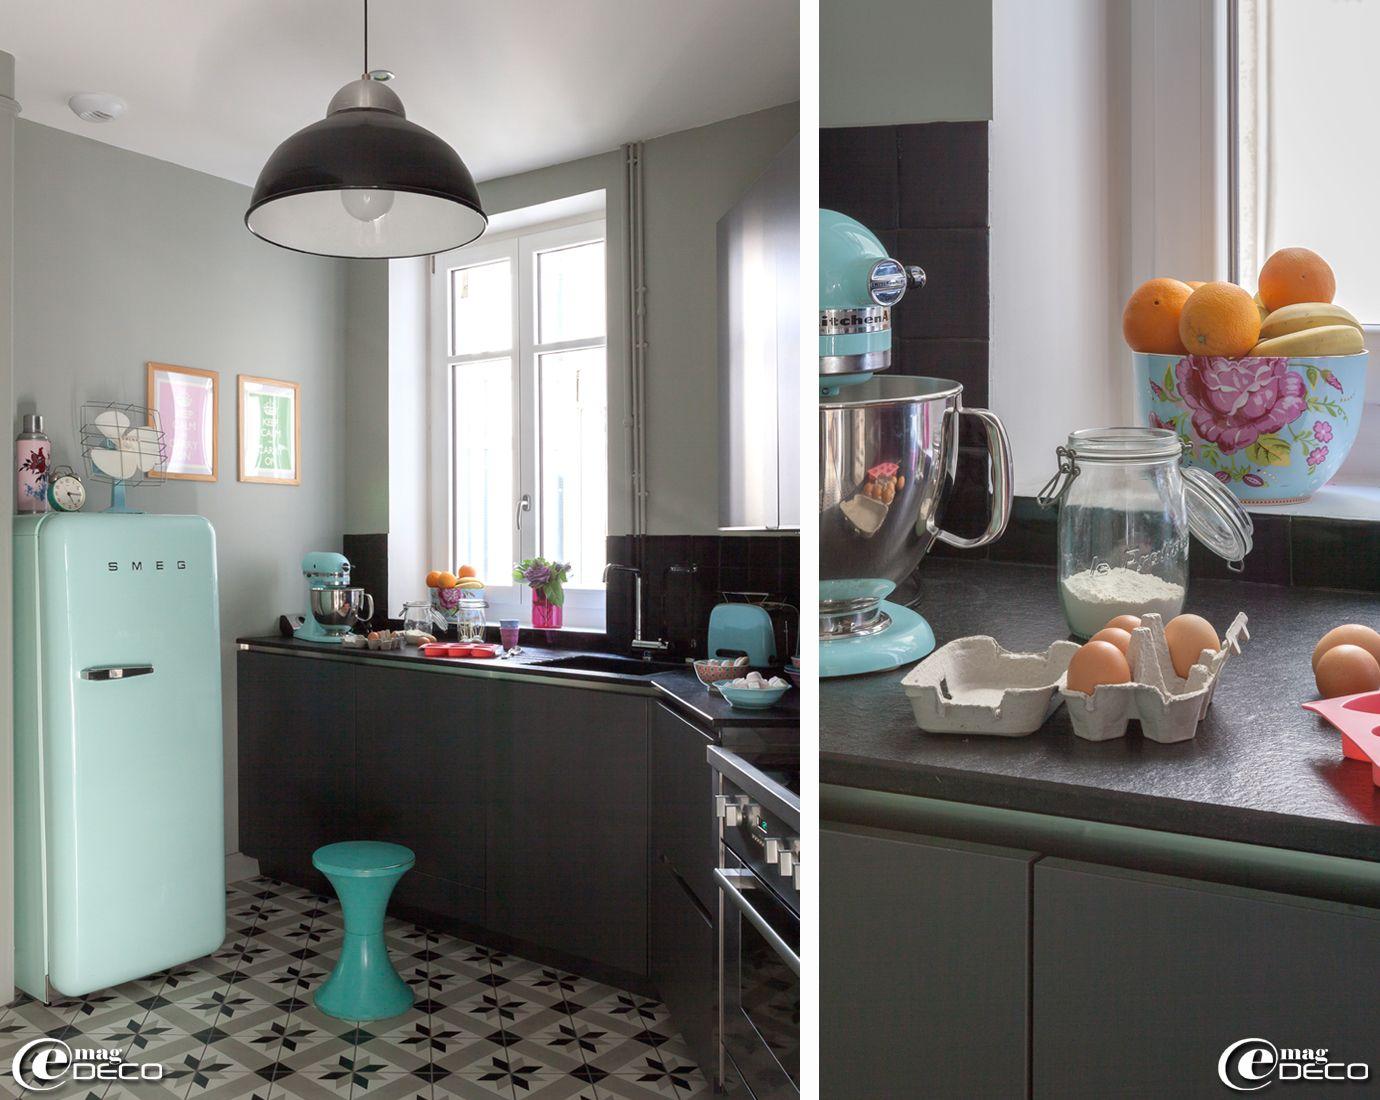 l lectrom nager de couleur bleu ciel r veille cette cuisine en noir et gris r frig rateur. Black Bedroom Furniture Sets. Home Design Ideas